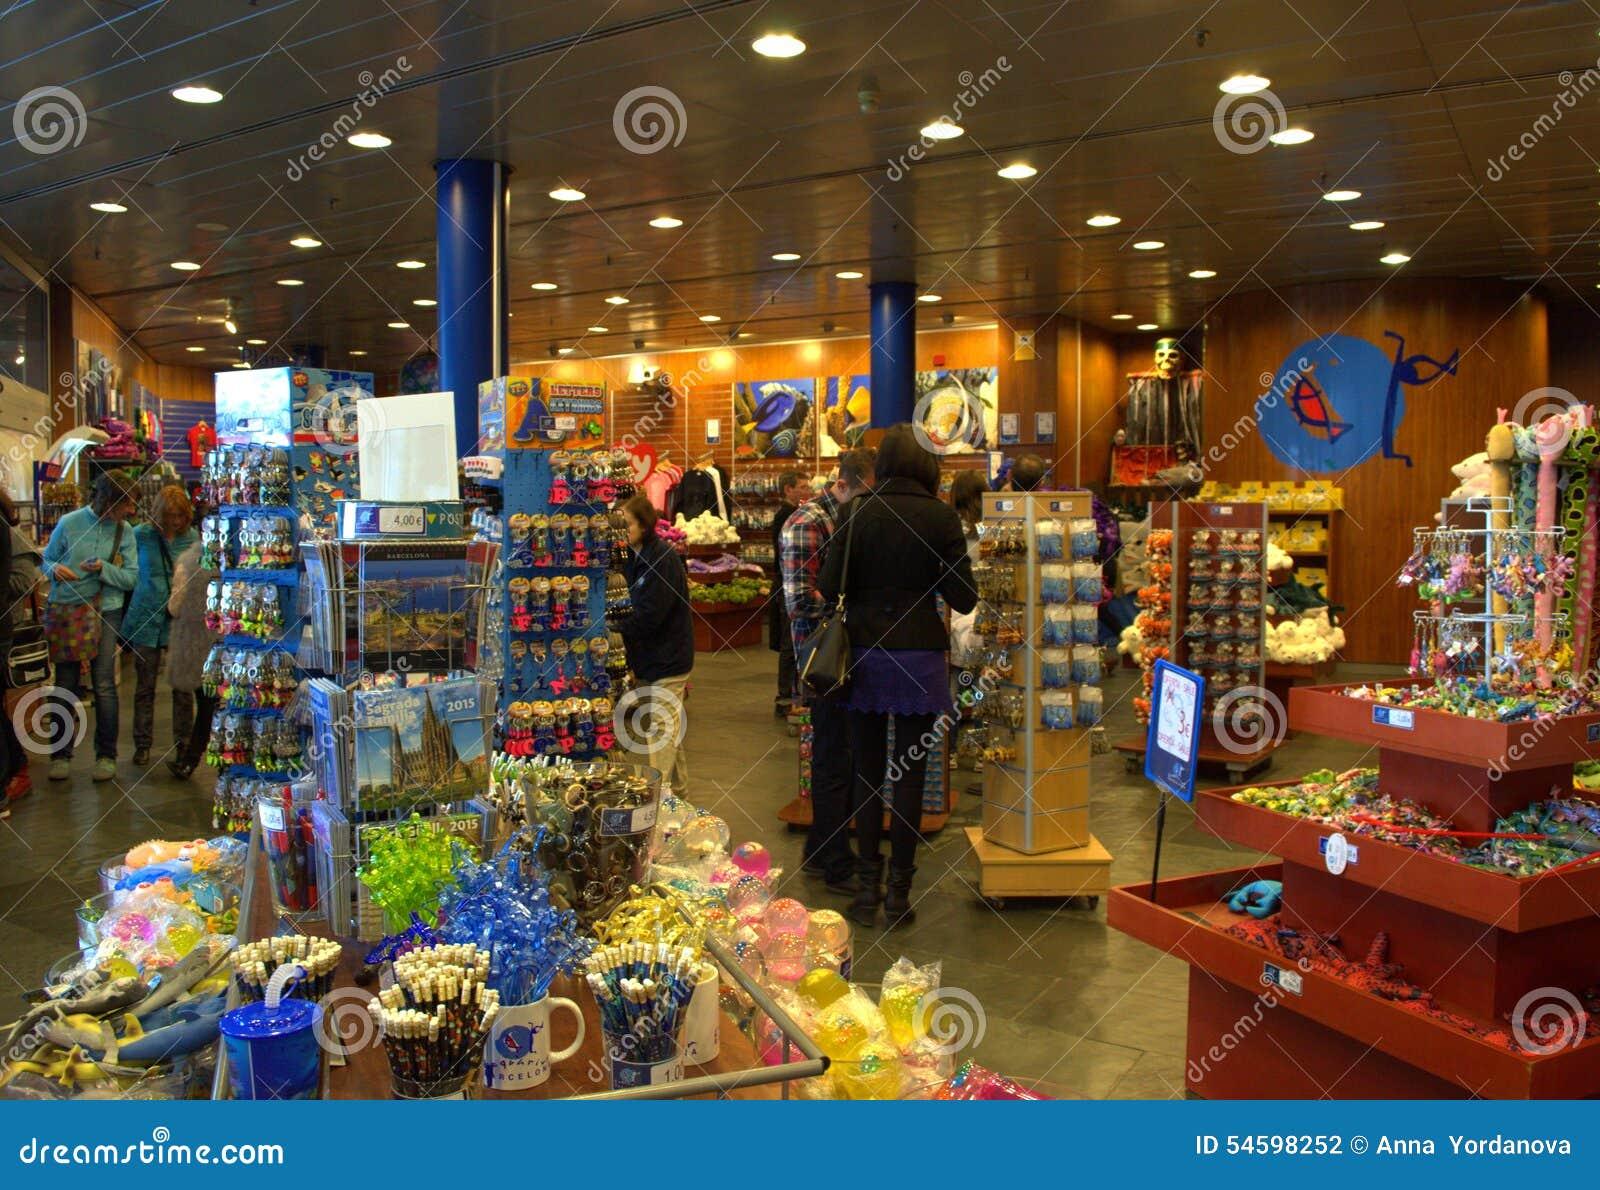 Tienda Del Acuario De Barcelona Fotografía editorial - Imagen de ...